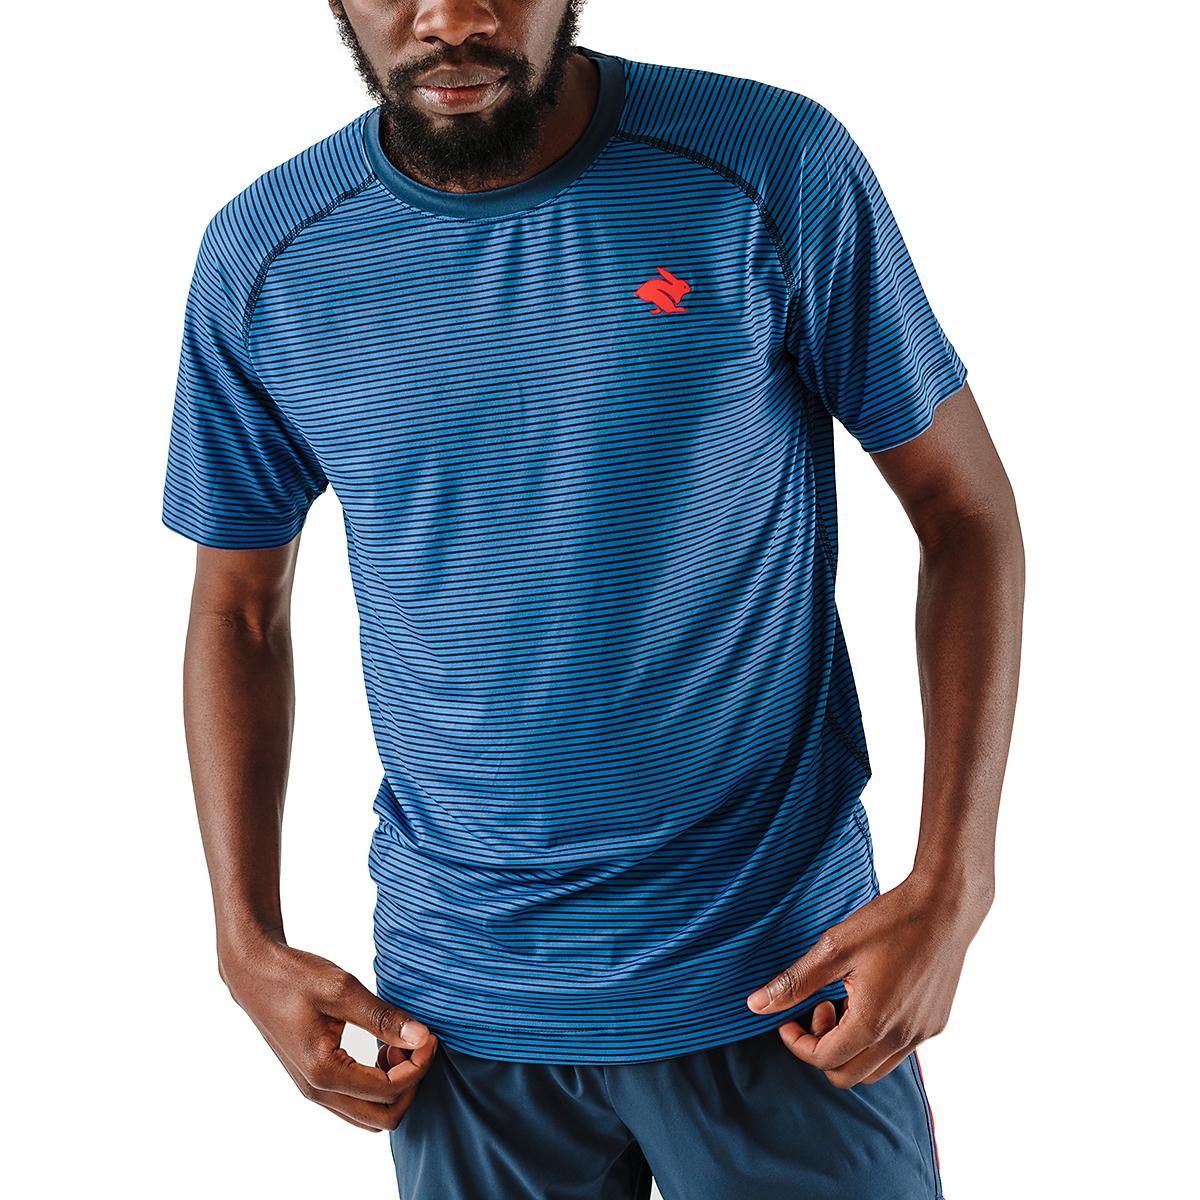 Men's Rabbit EZ Tee Short Sleeve - JackRabbit Exclusive - Color: Dress Blues/Lapis Blue - Size: S, Dress Blues/Lapis Blue, large, image 1